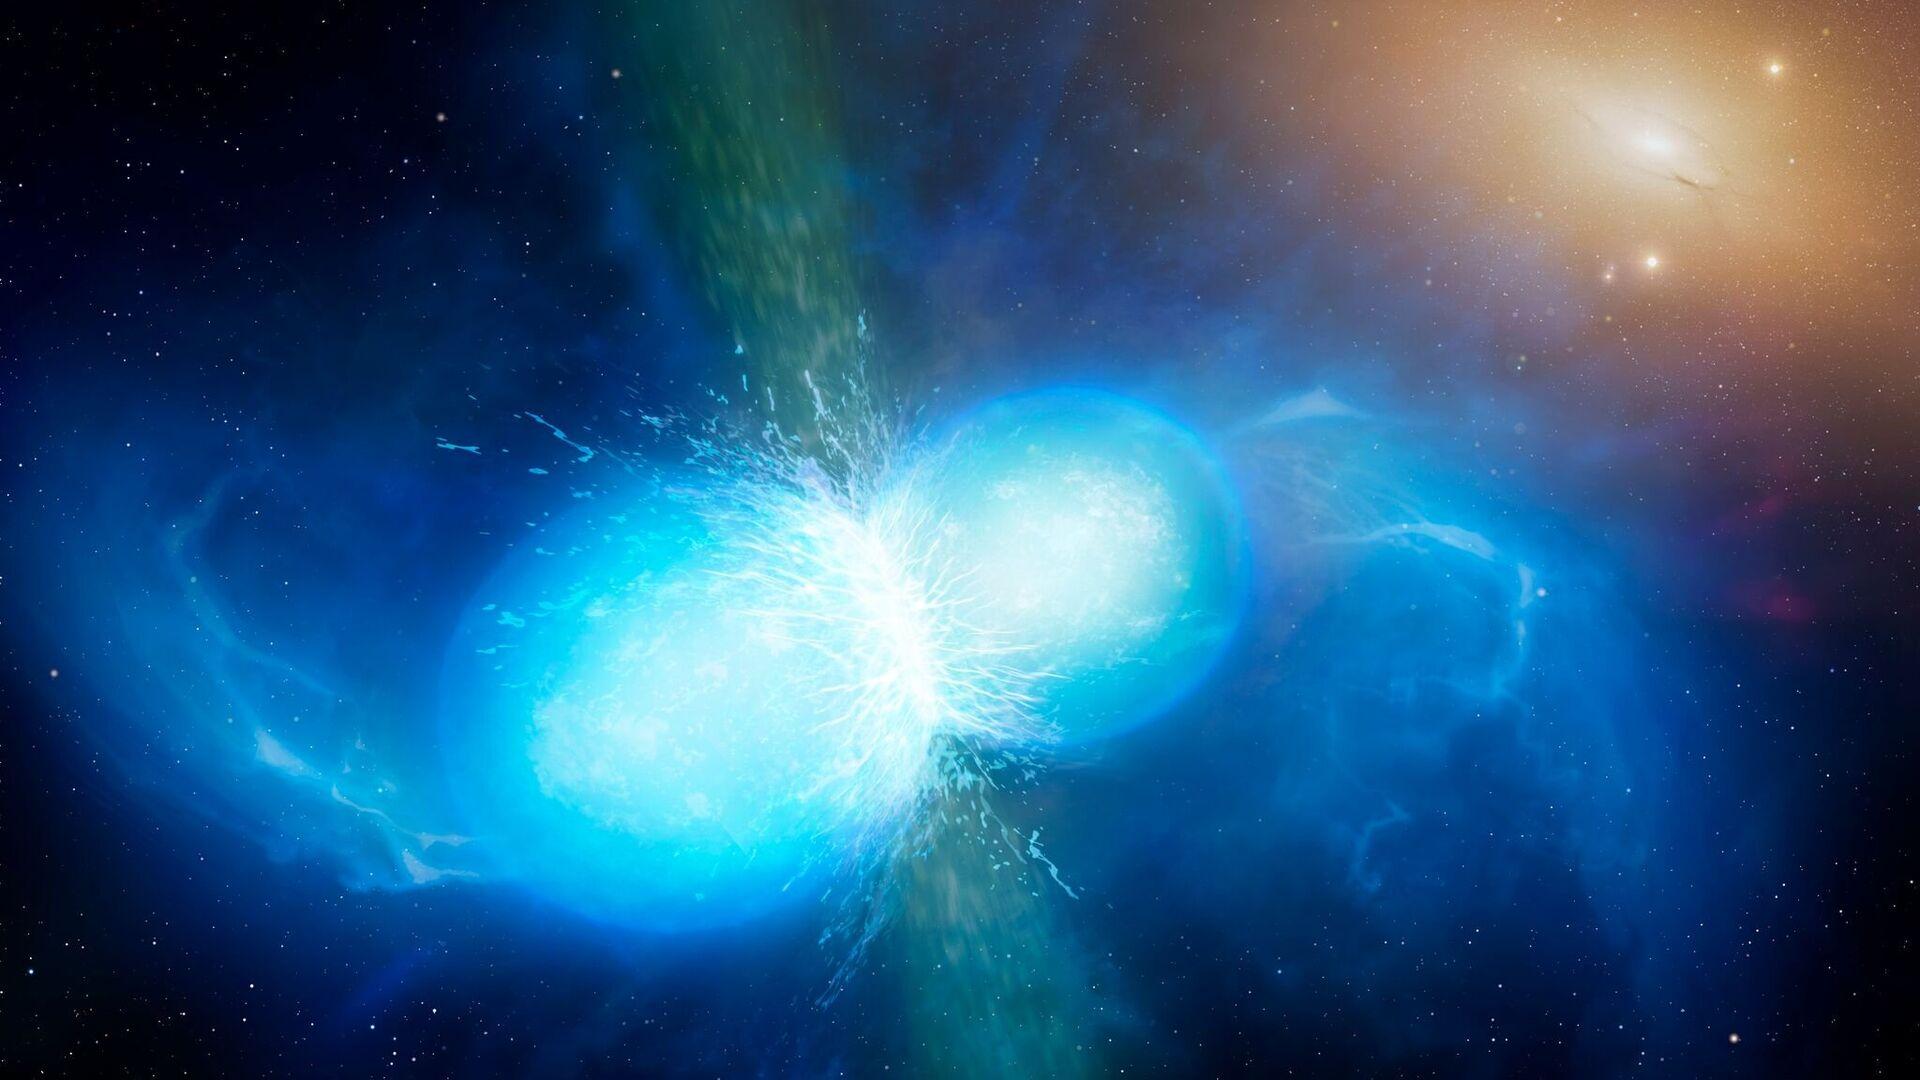 Слияния нейтронных звезд могли породить все запасы золота Вселенной - РИА Новости, 1920, 25.04.2019